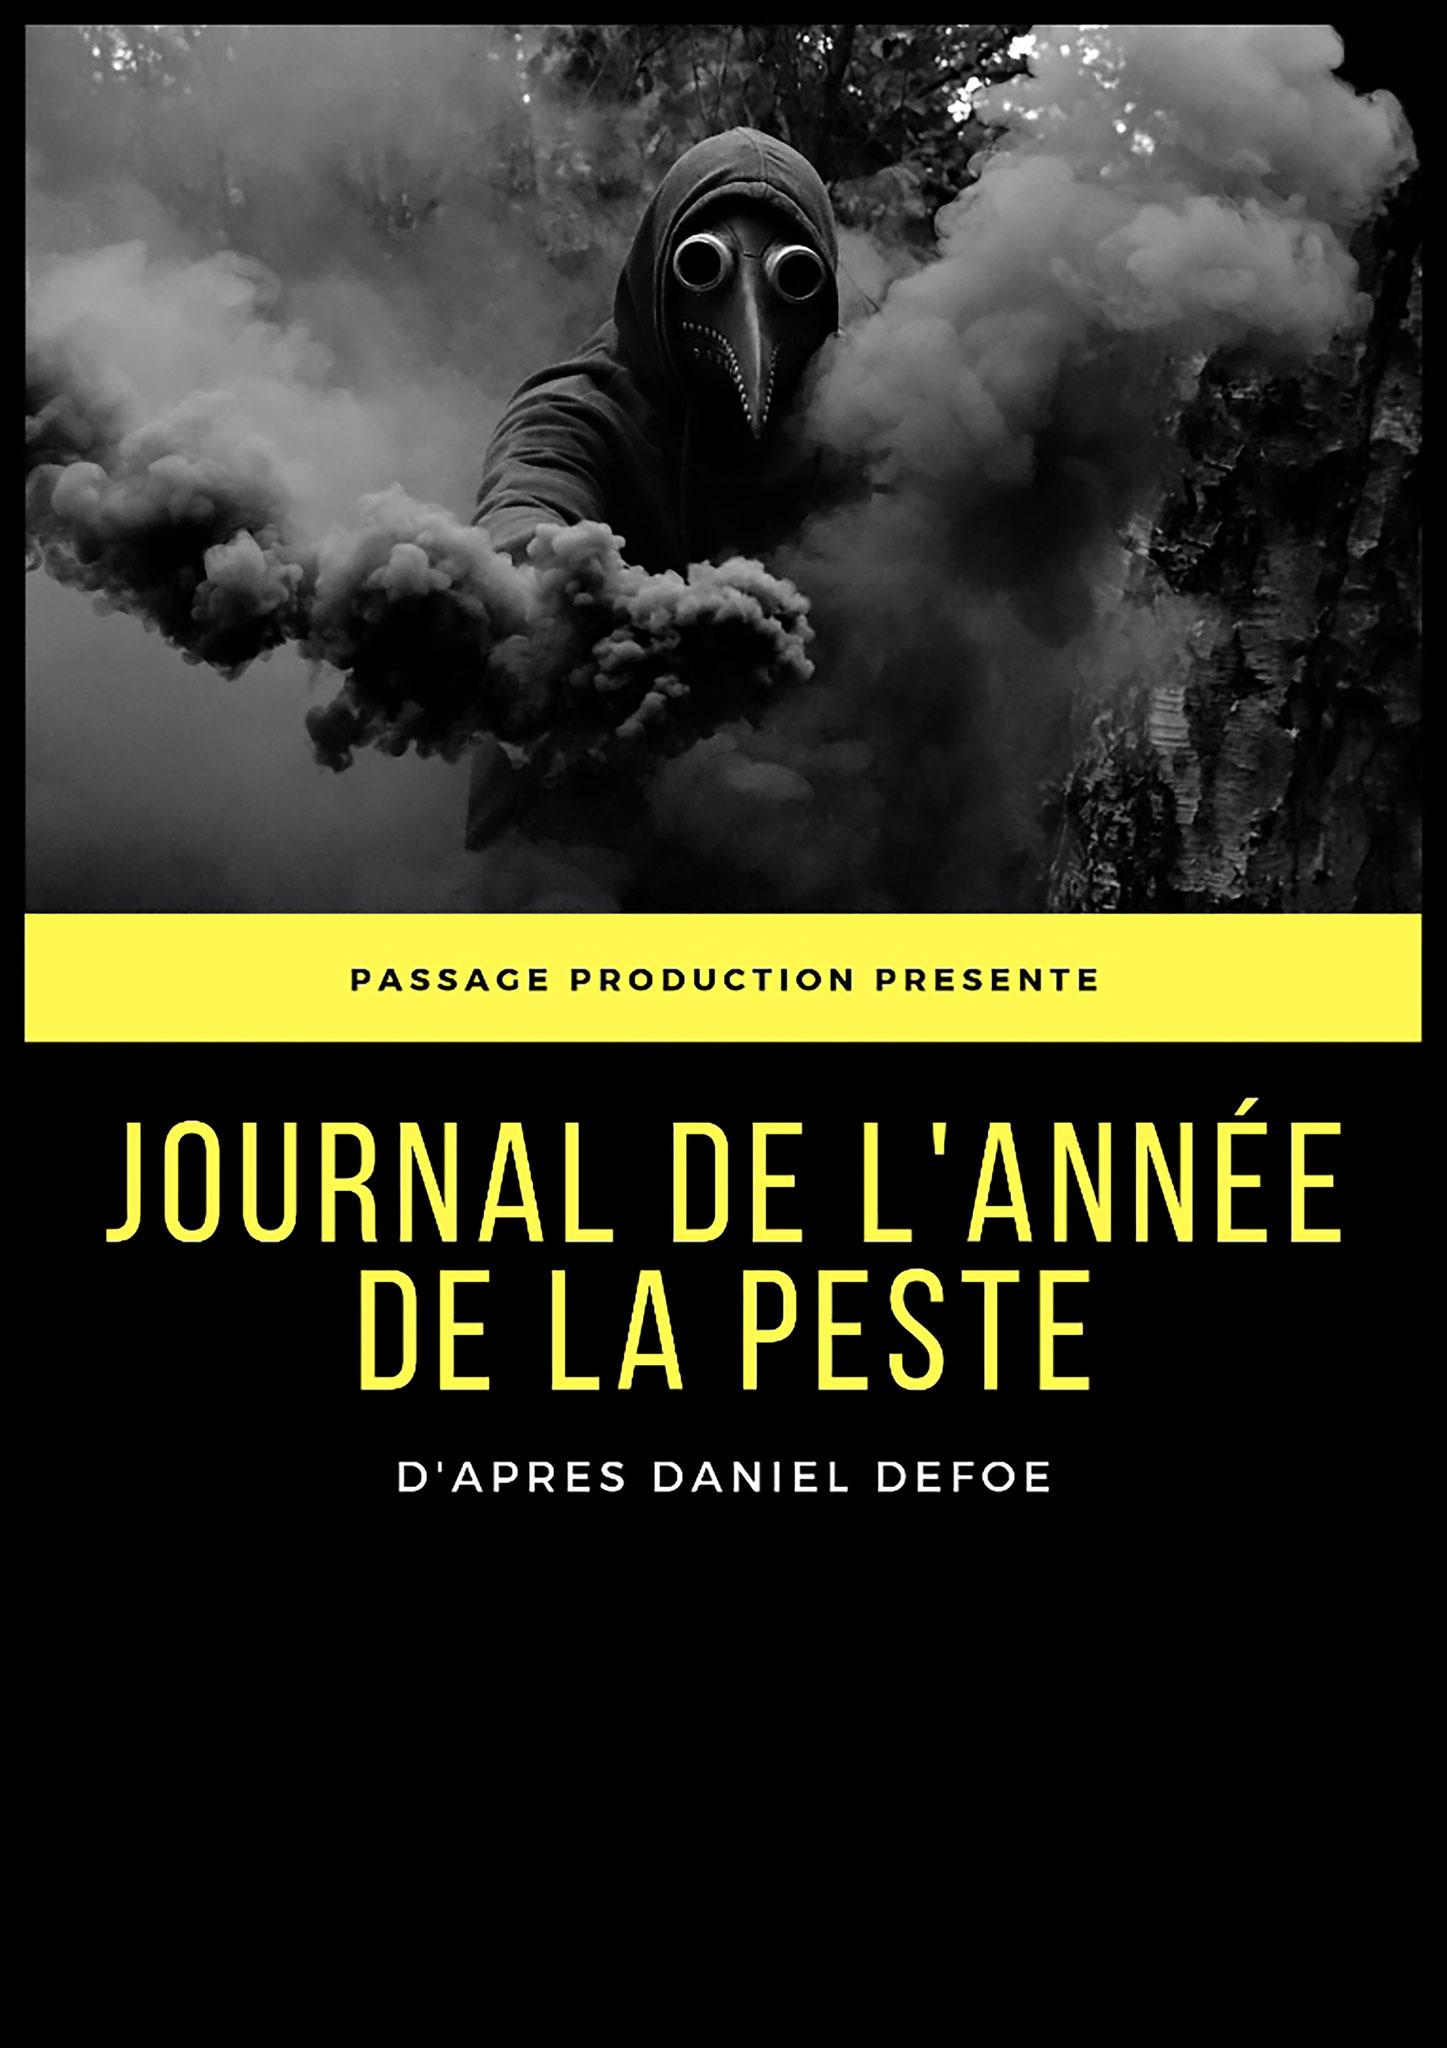 JOURNAL DE L'ANNEE DE LA PESTE - 13h35 - Salle Molière / Ronde